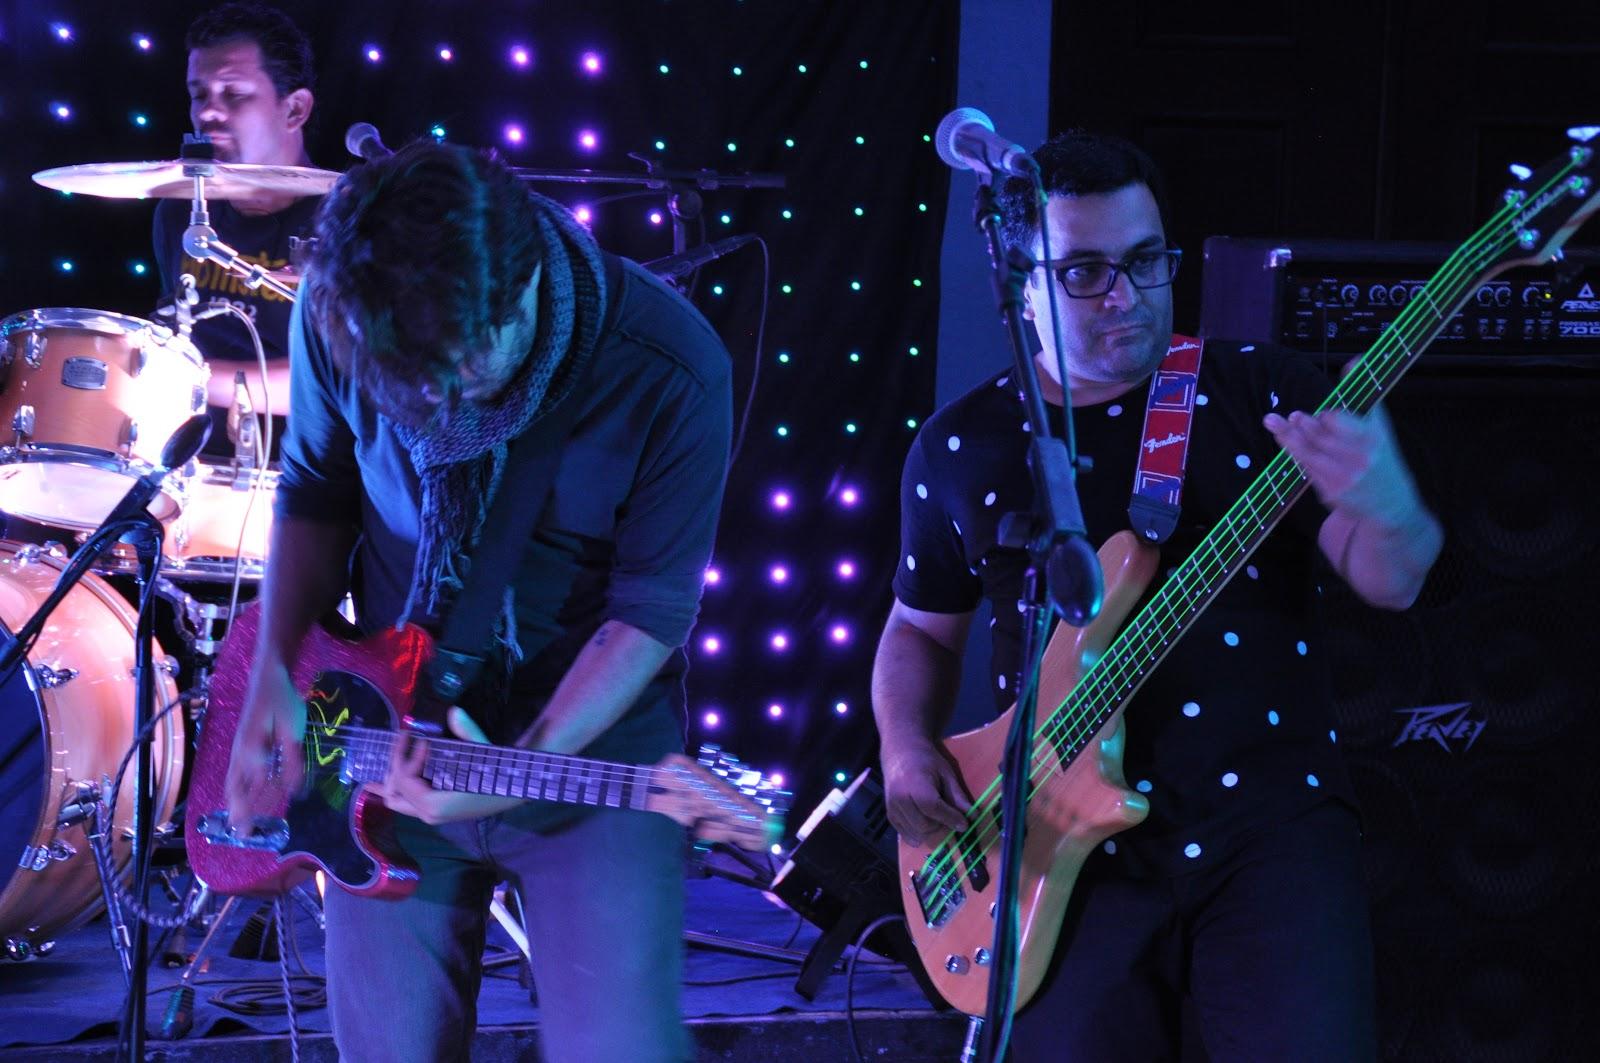 """Esteban Mata y Edgar """"Wina"""" Carranza, parte de la agrupación Zona. Carranza es uno de los organizadores de este Festival(Foto: OCM)"""